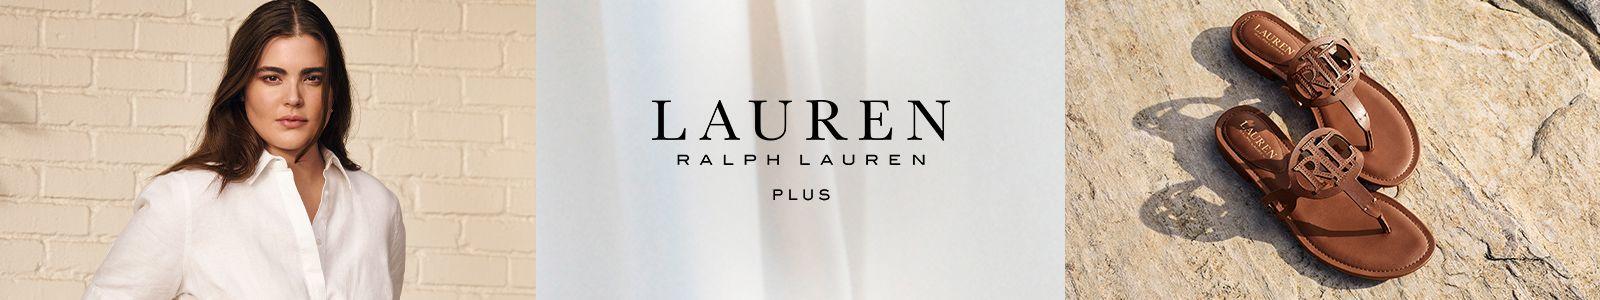 Lauren Ralph Lauren, Plus